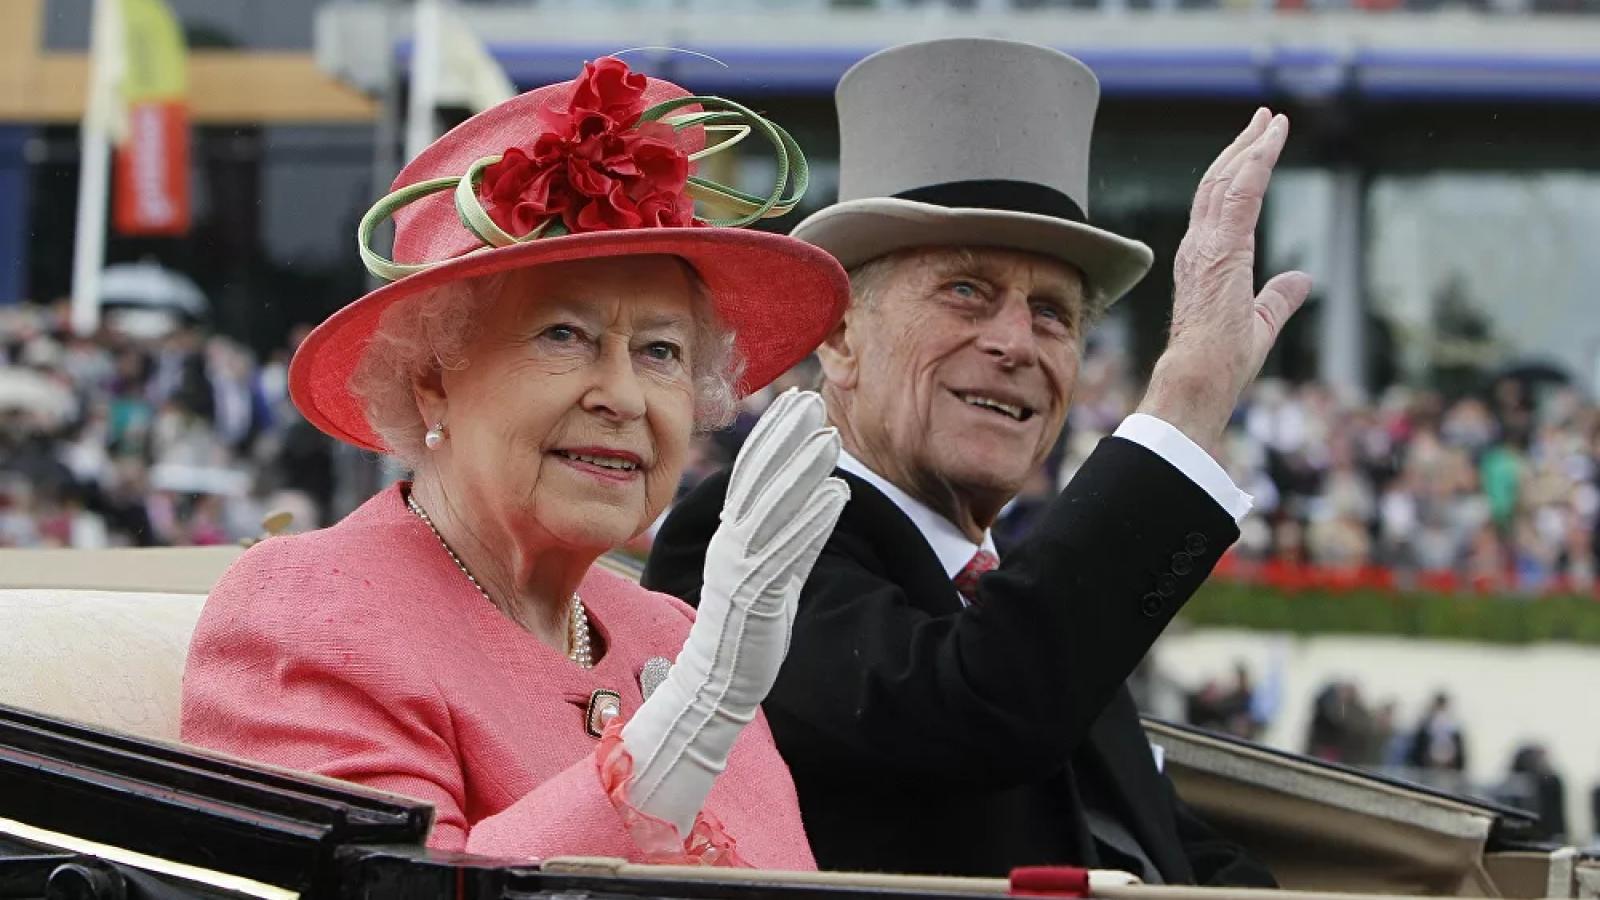 Nhìn lại những khoảnh khắc đáng nhớ trong cuộc đời Hoàng thân Philip